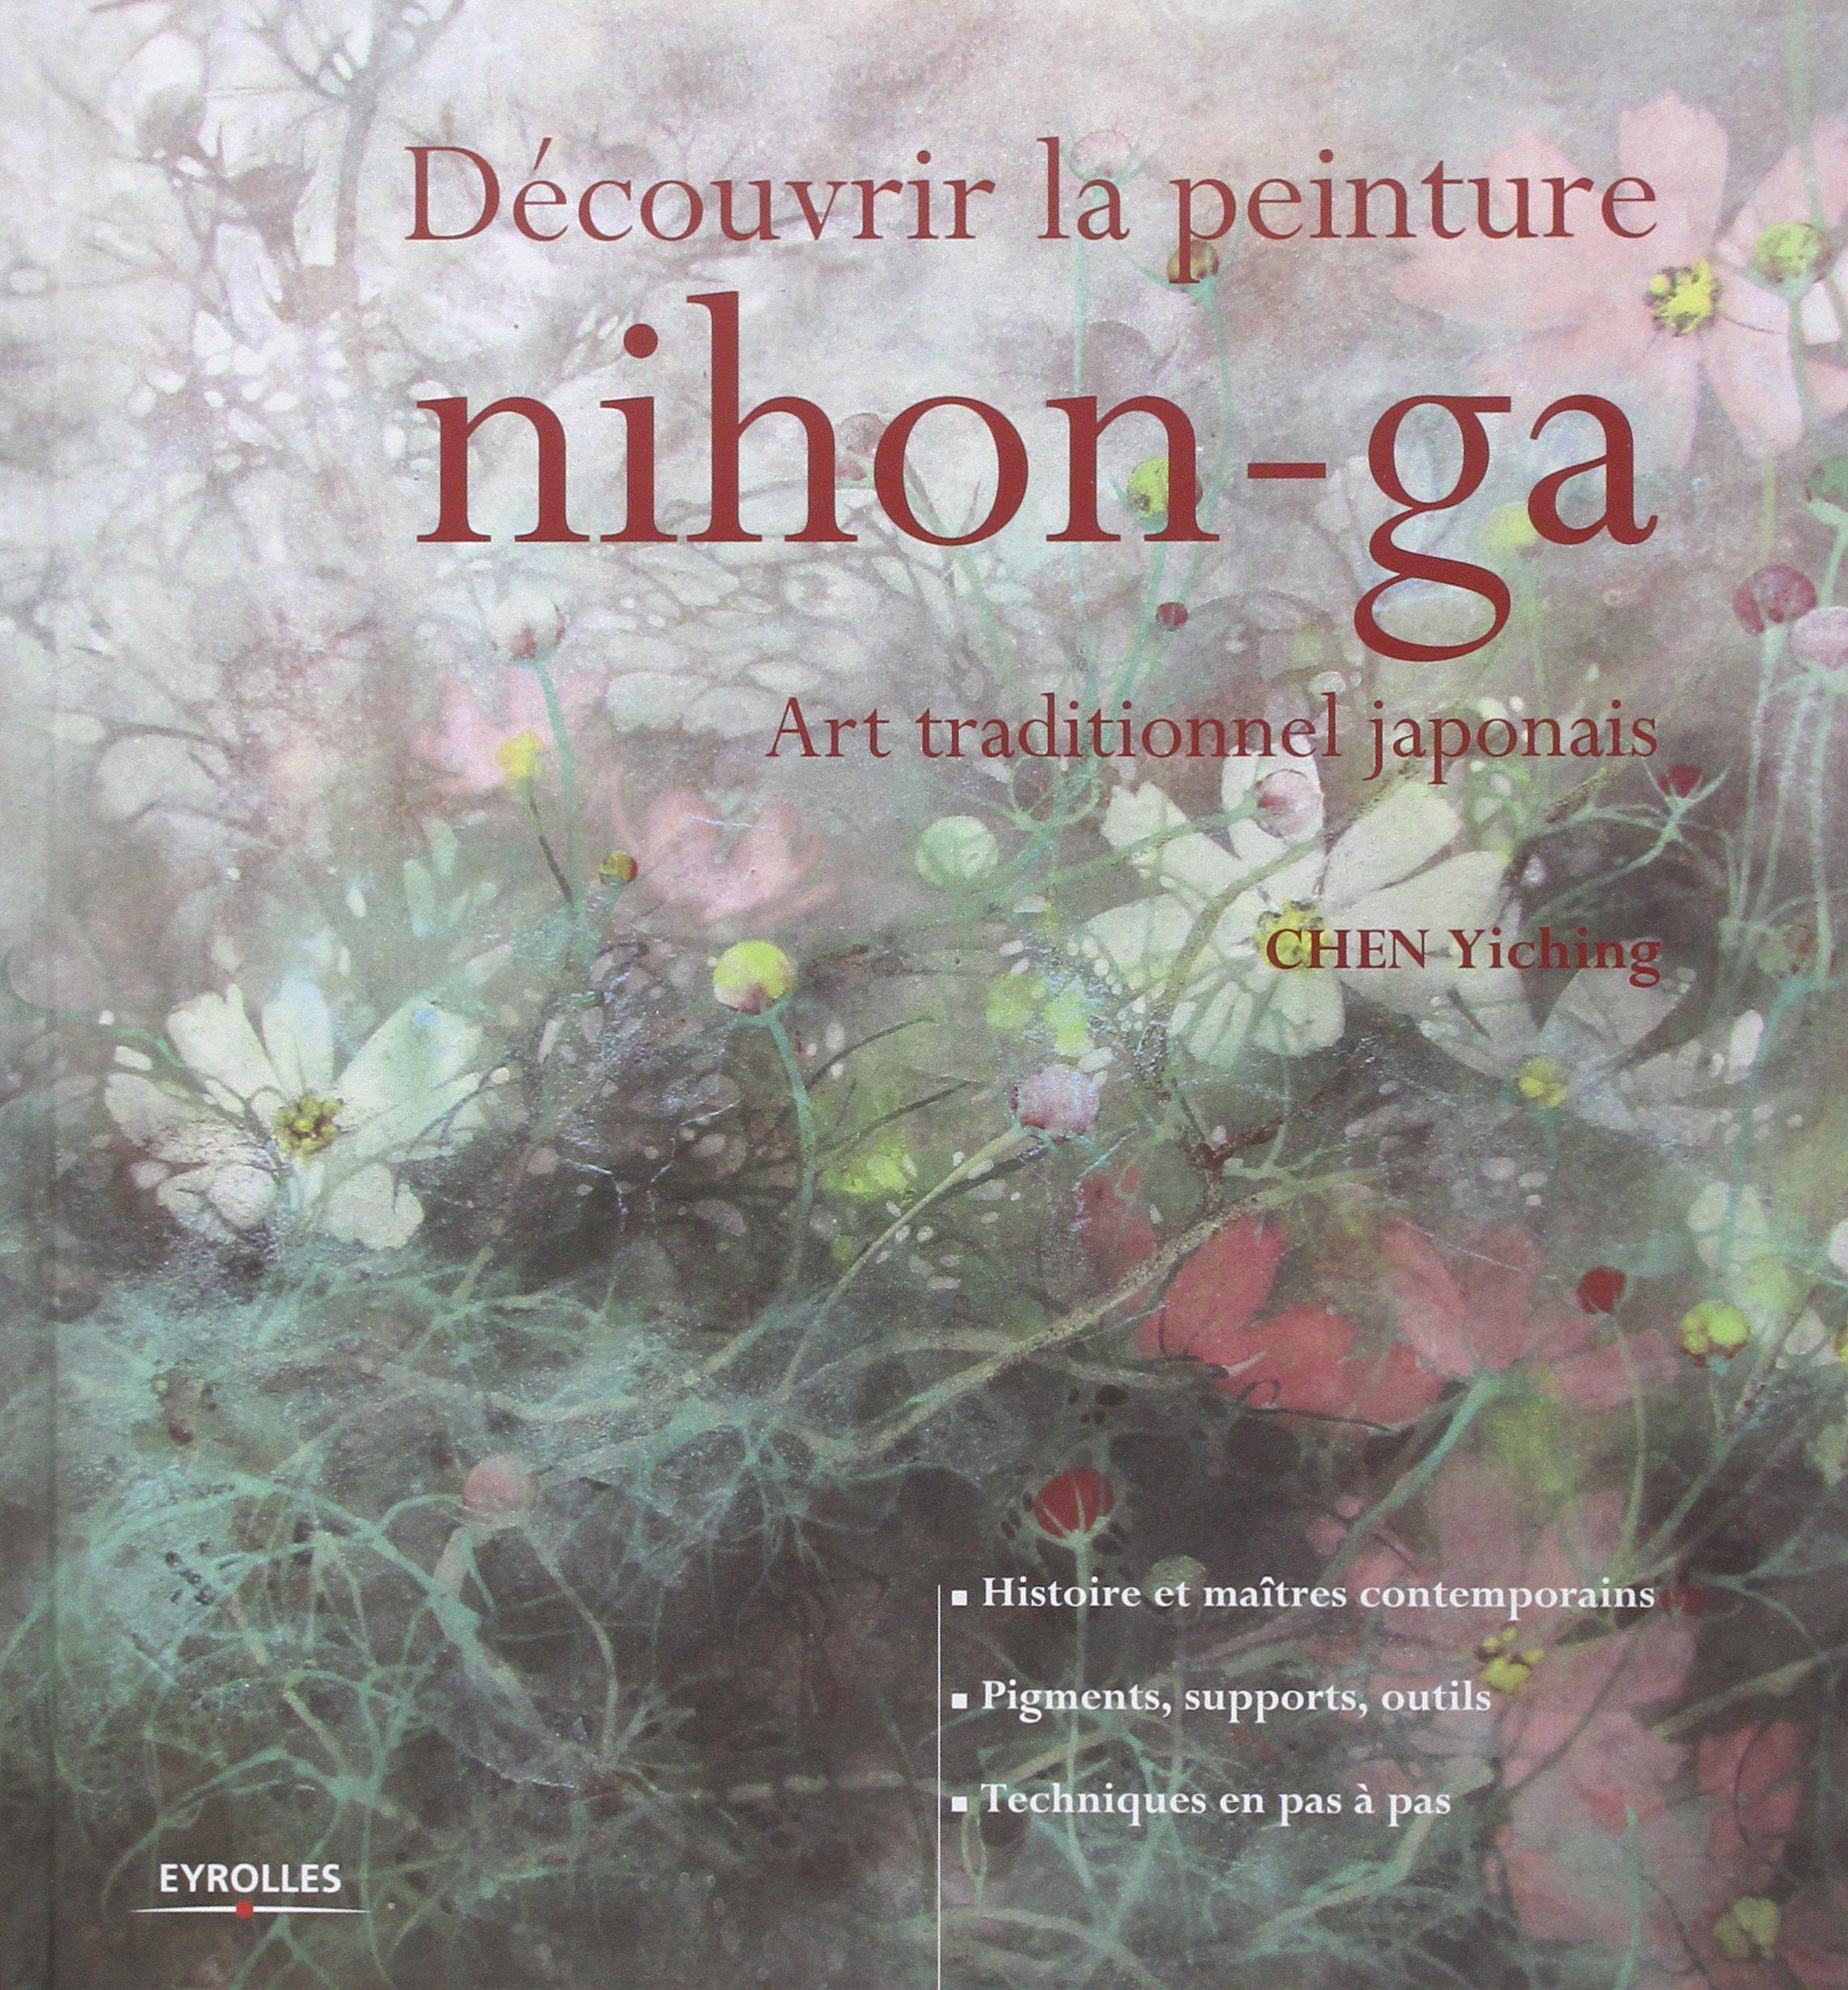 Amazonfr Découvrir La Peinture Nihon Ga Art Traditionnel